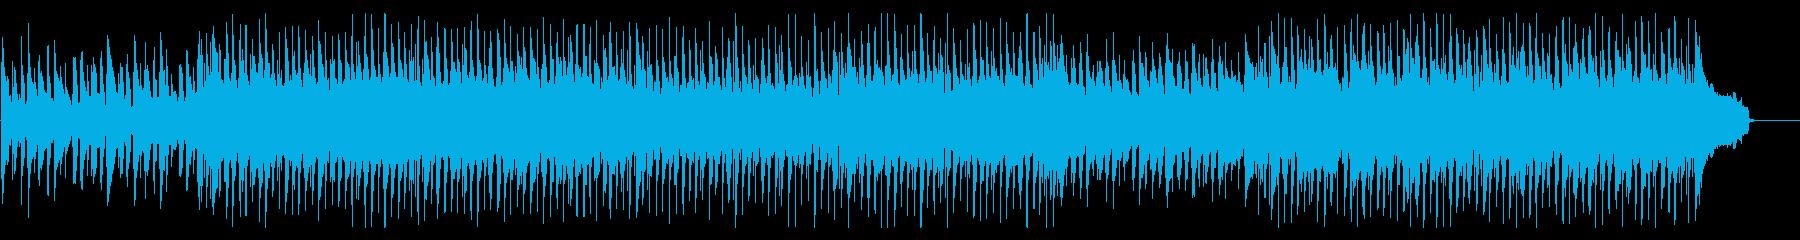 アップテンポで楽しげなコーポレートBGMの再生済みの波形